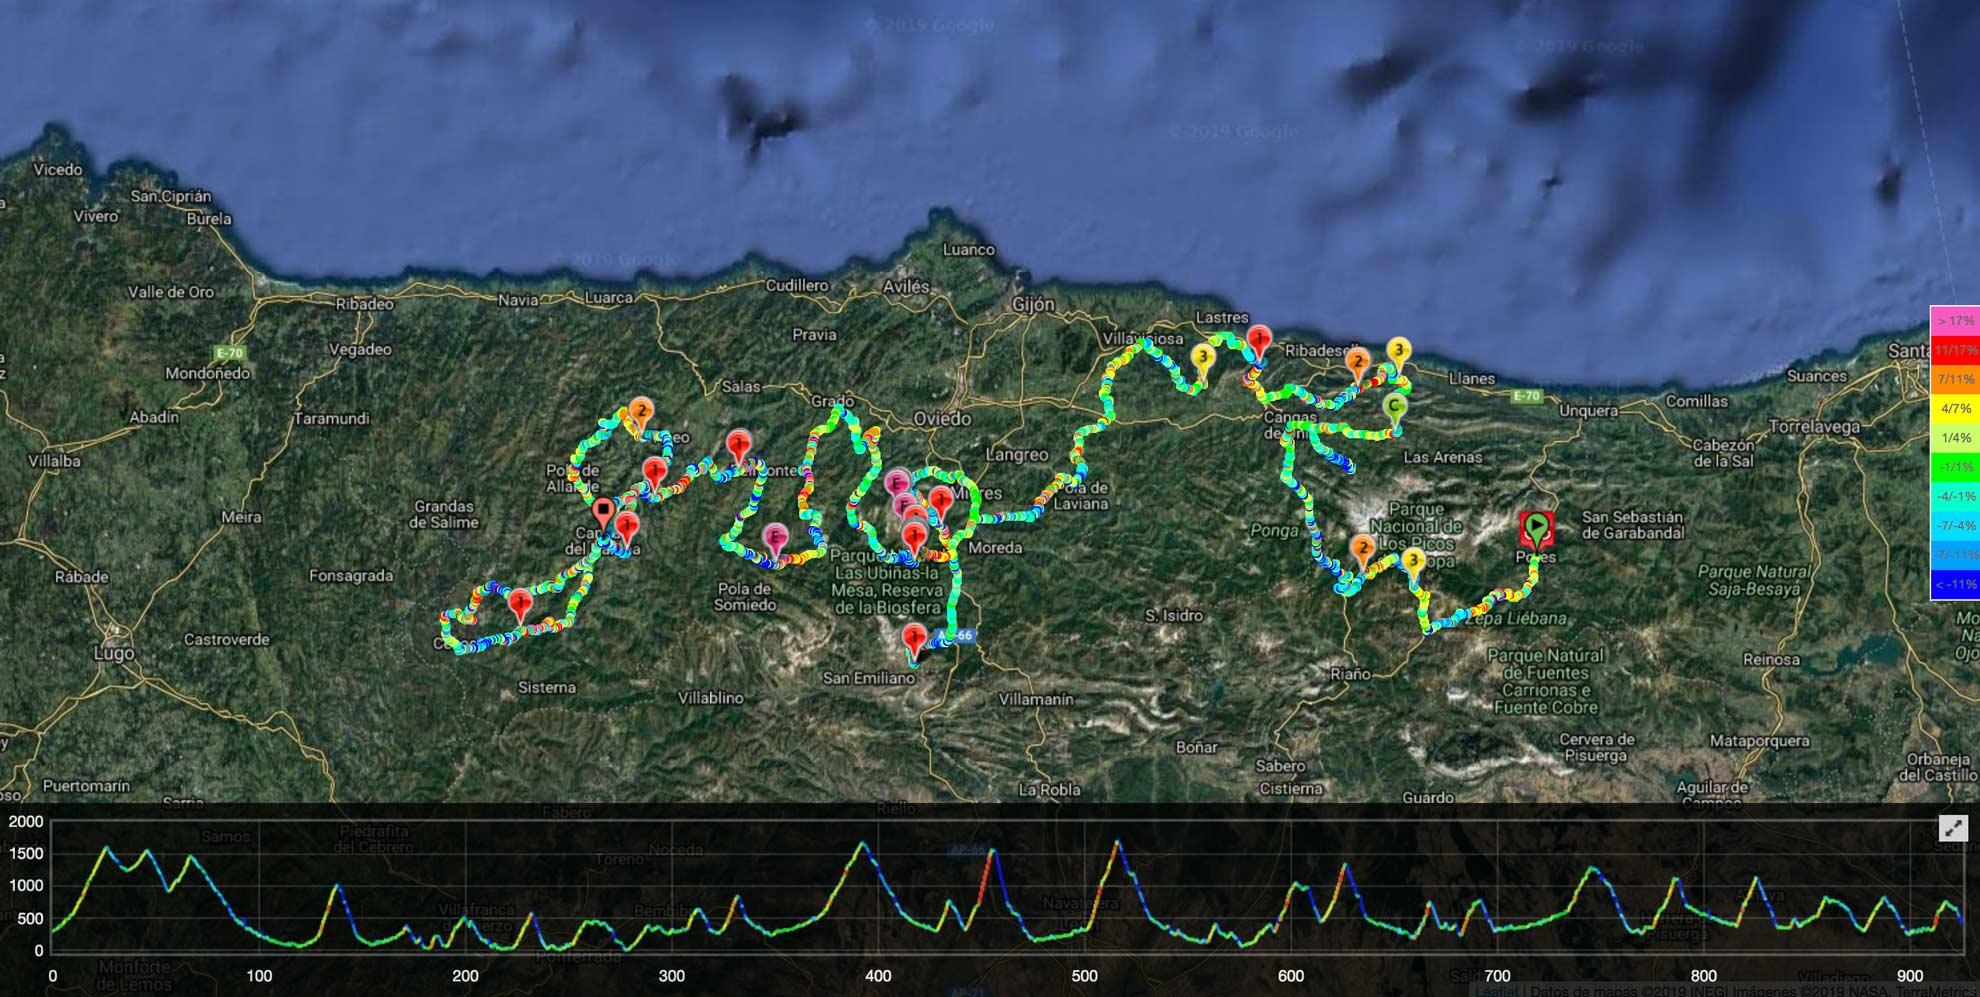 Ruta cicloturista en ASTURIAS, incluye Puerto de La Cubillu, Gamoniteiru y Angliru